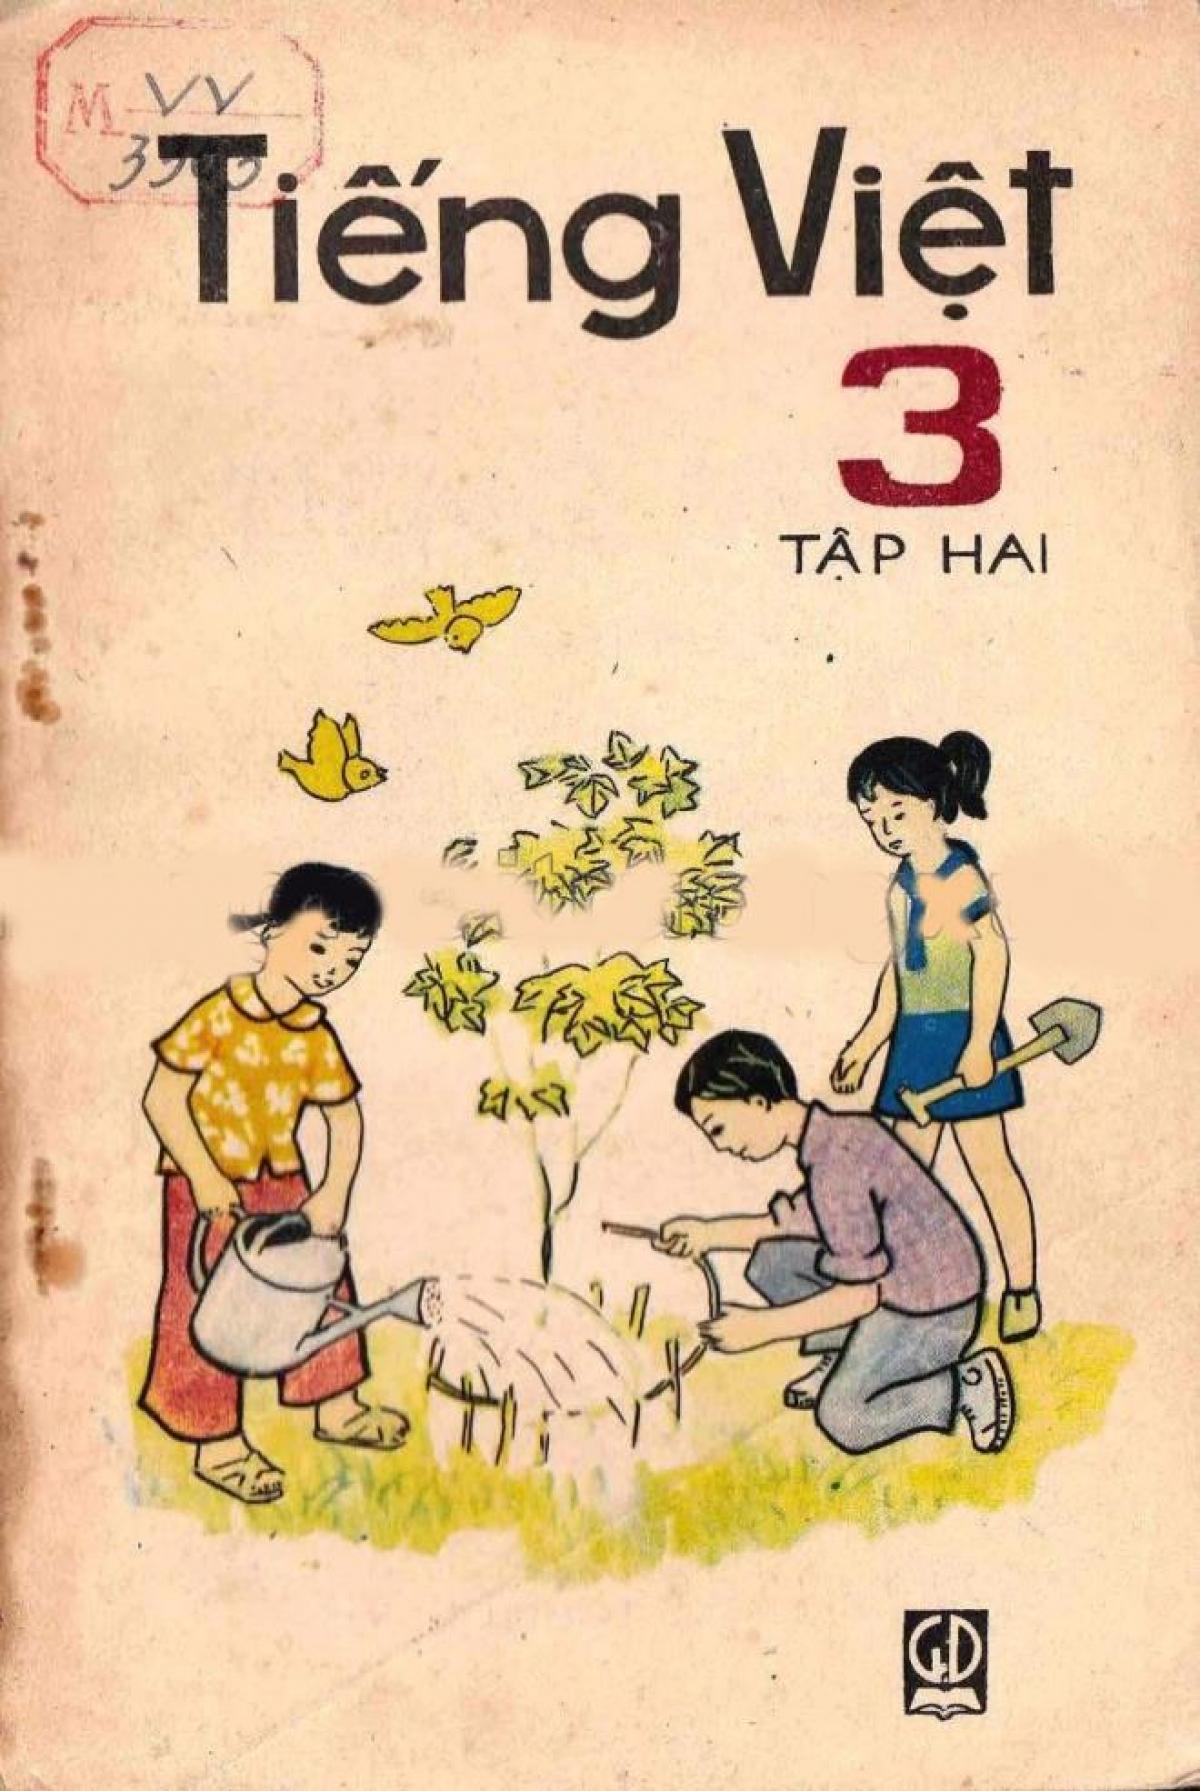 Sách Tiếng Việt lớp 3 tập 2, xuất bản năm 1985.